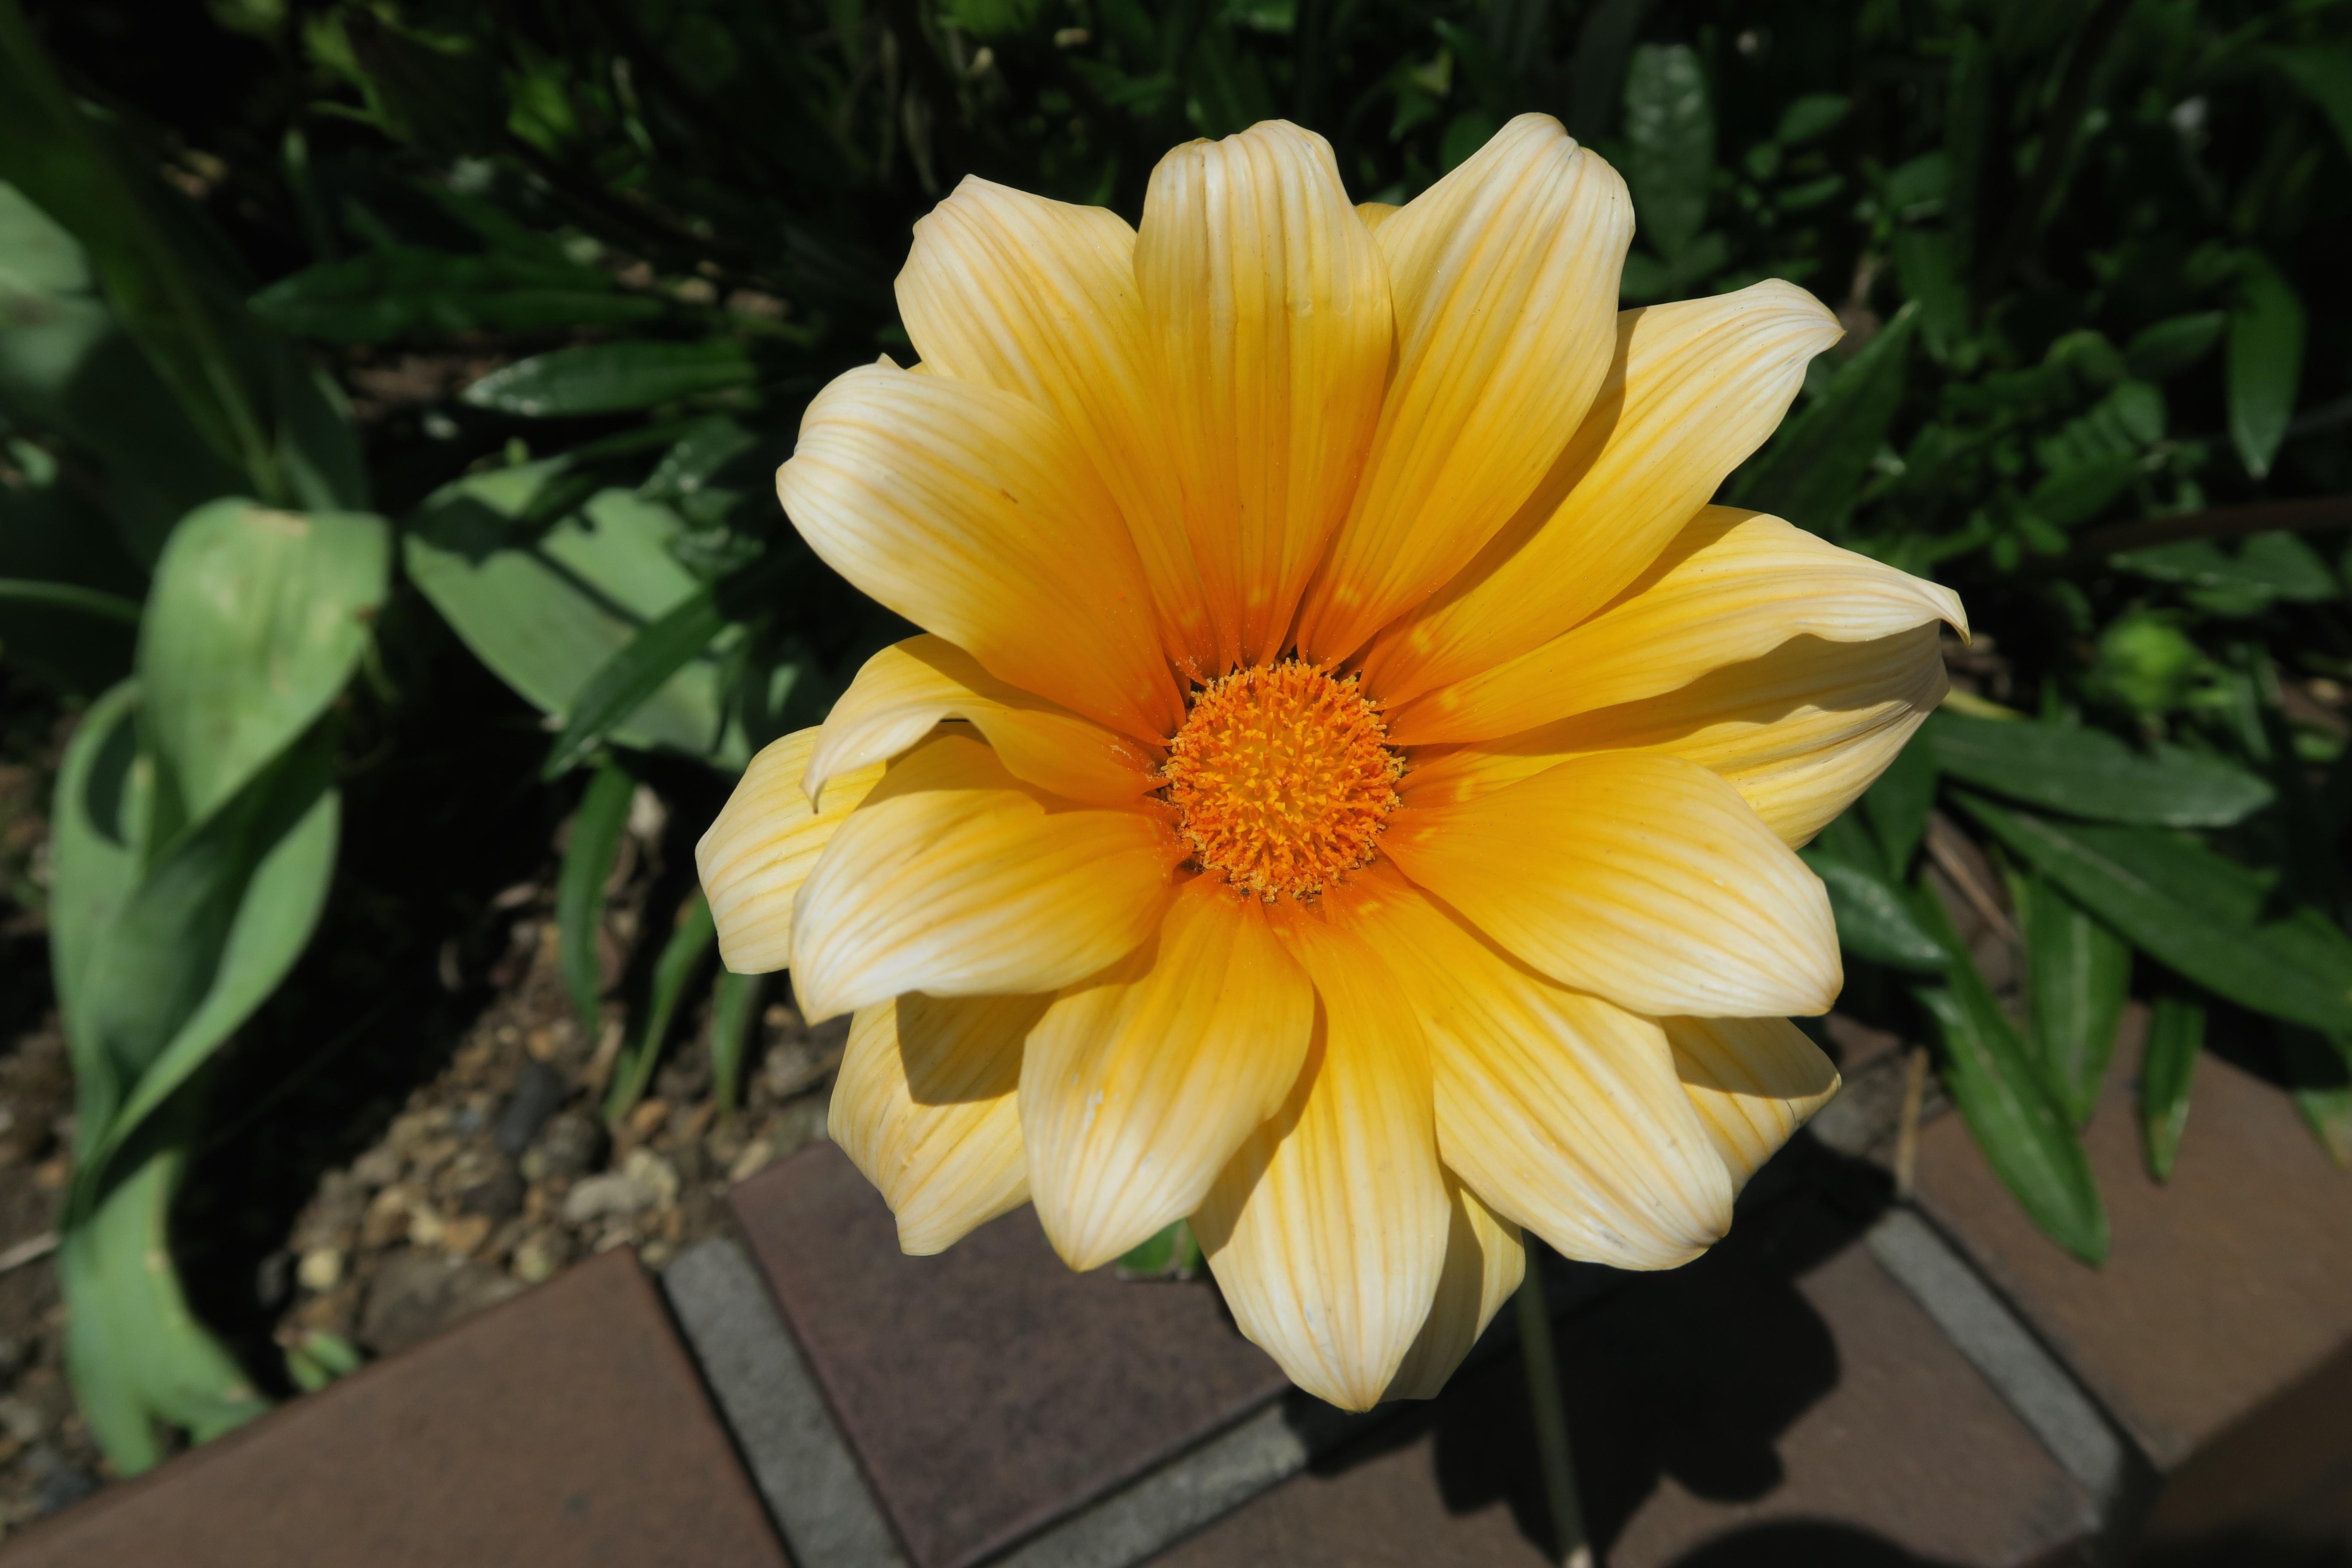 fond d 39 cran jaune canon tokyo fleur flore p tale powerhot g7x nishimagome botanique. Black Bedroom Furniture Sets. Home Design Ideas